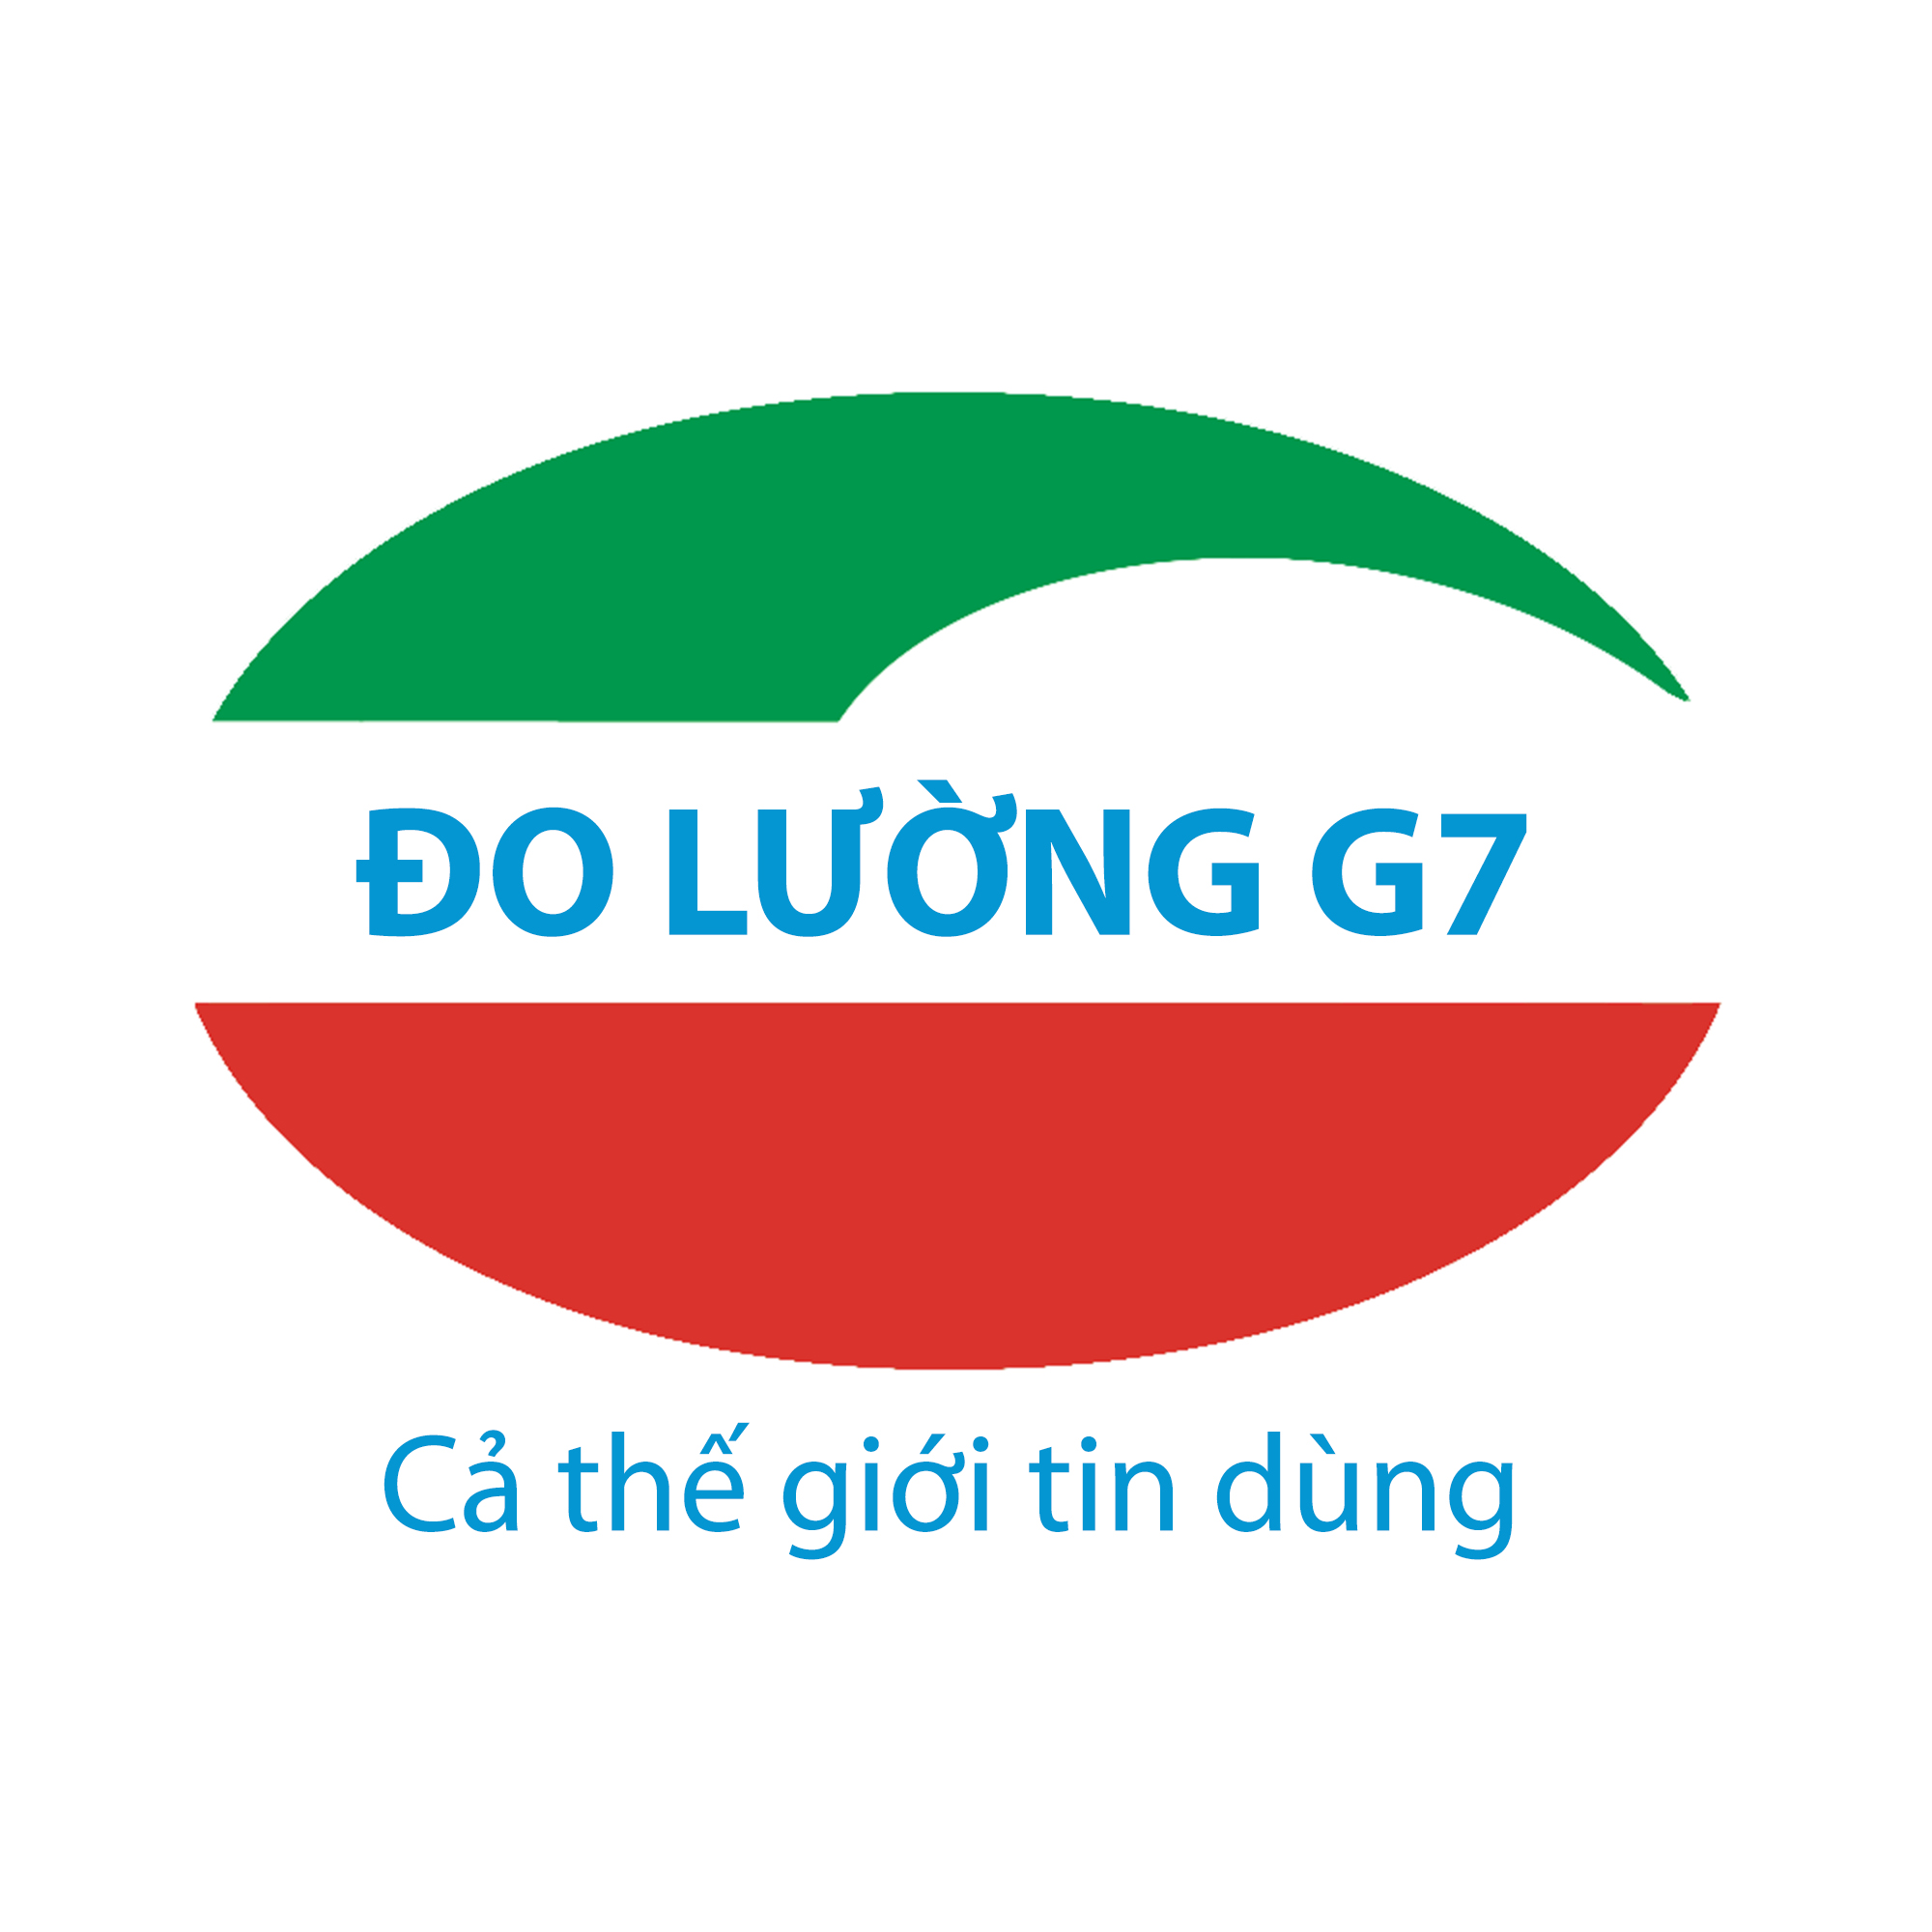 Công ty TNHH thiết bị đo lường G7